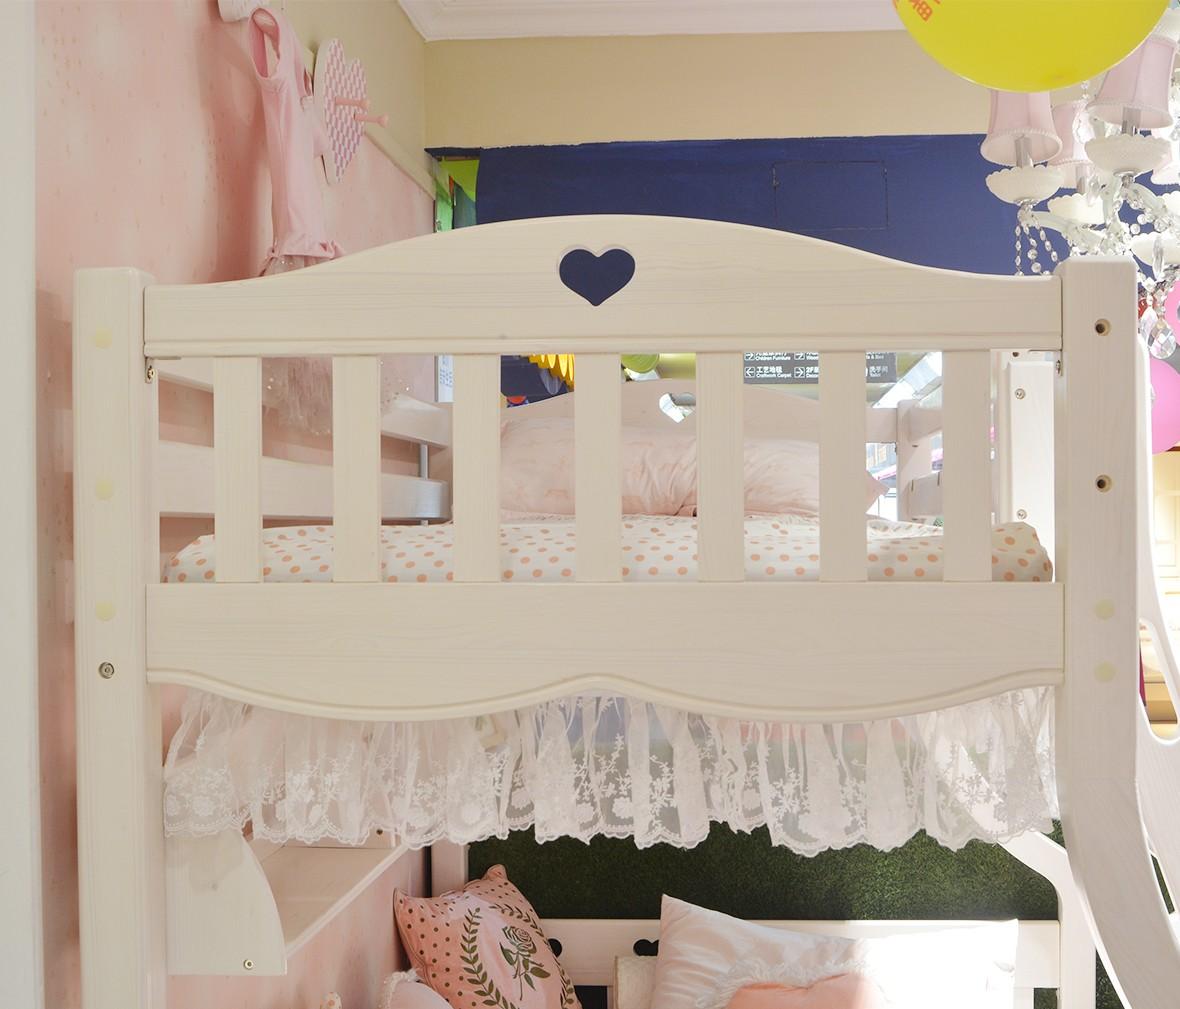 松果儿童家具 SA103X-135*20型号上下床 芬兰松材质儿童床 商品细节